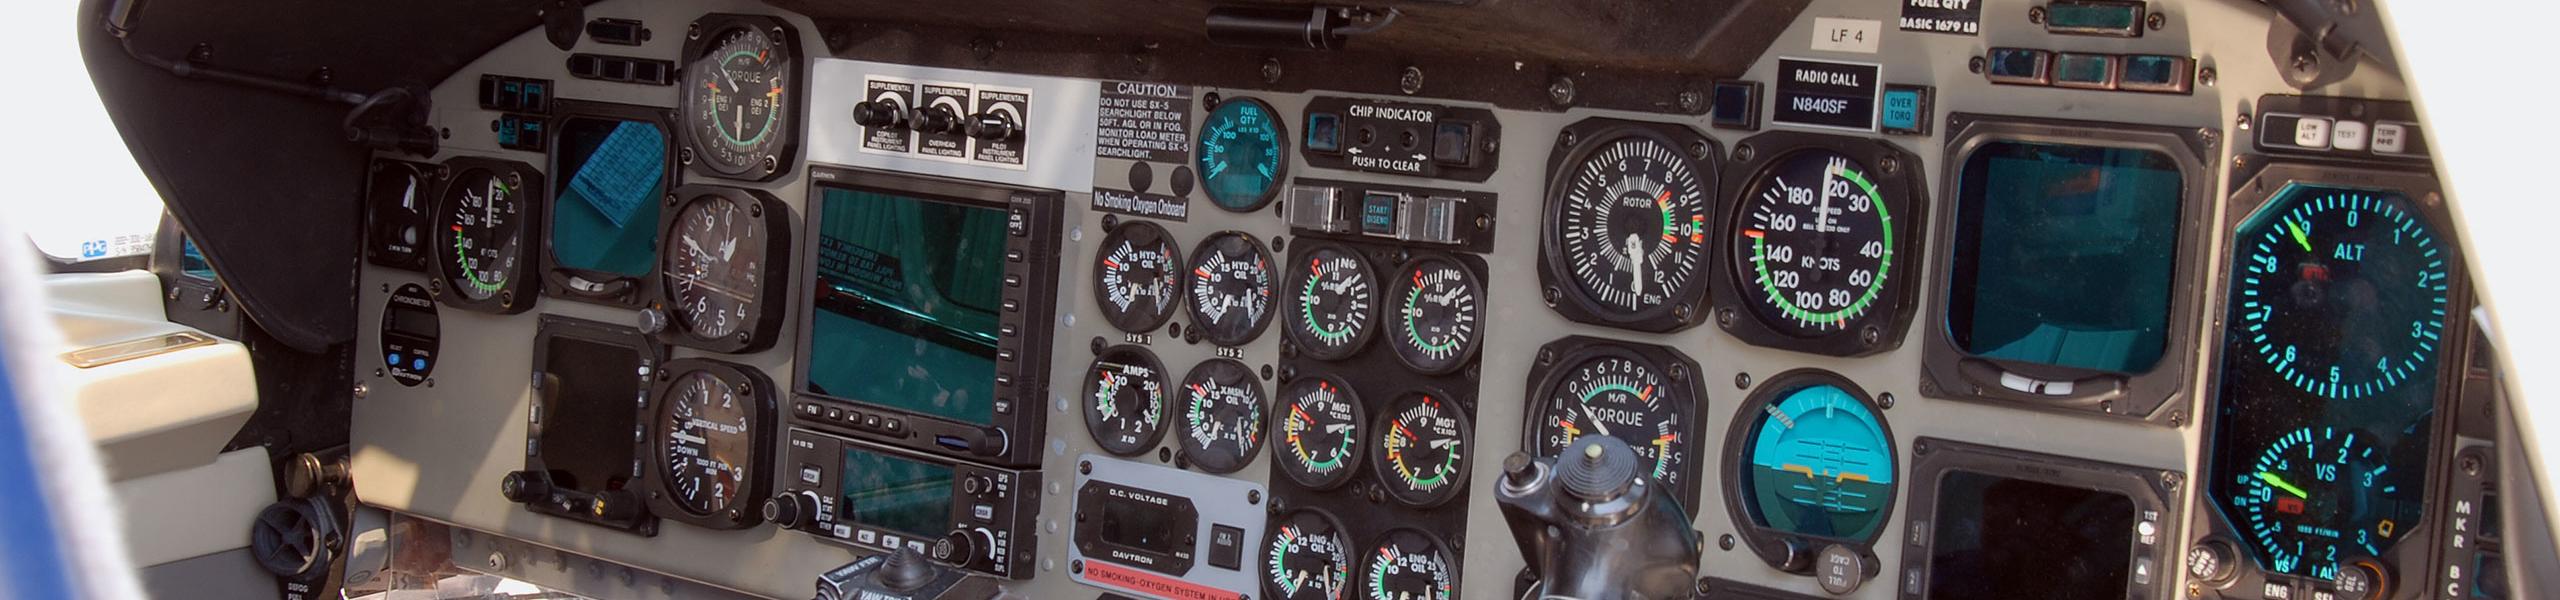 Cockpit i helikopter med mätare och kablage